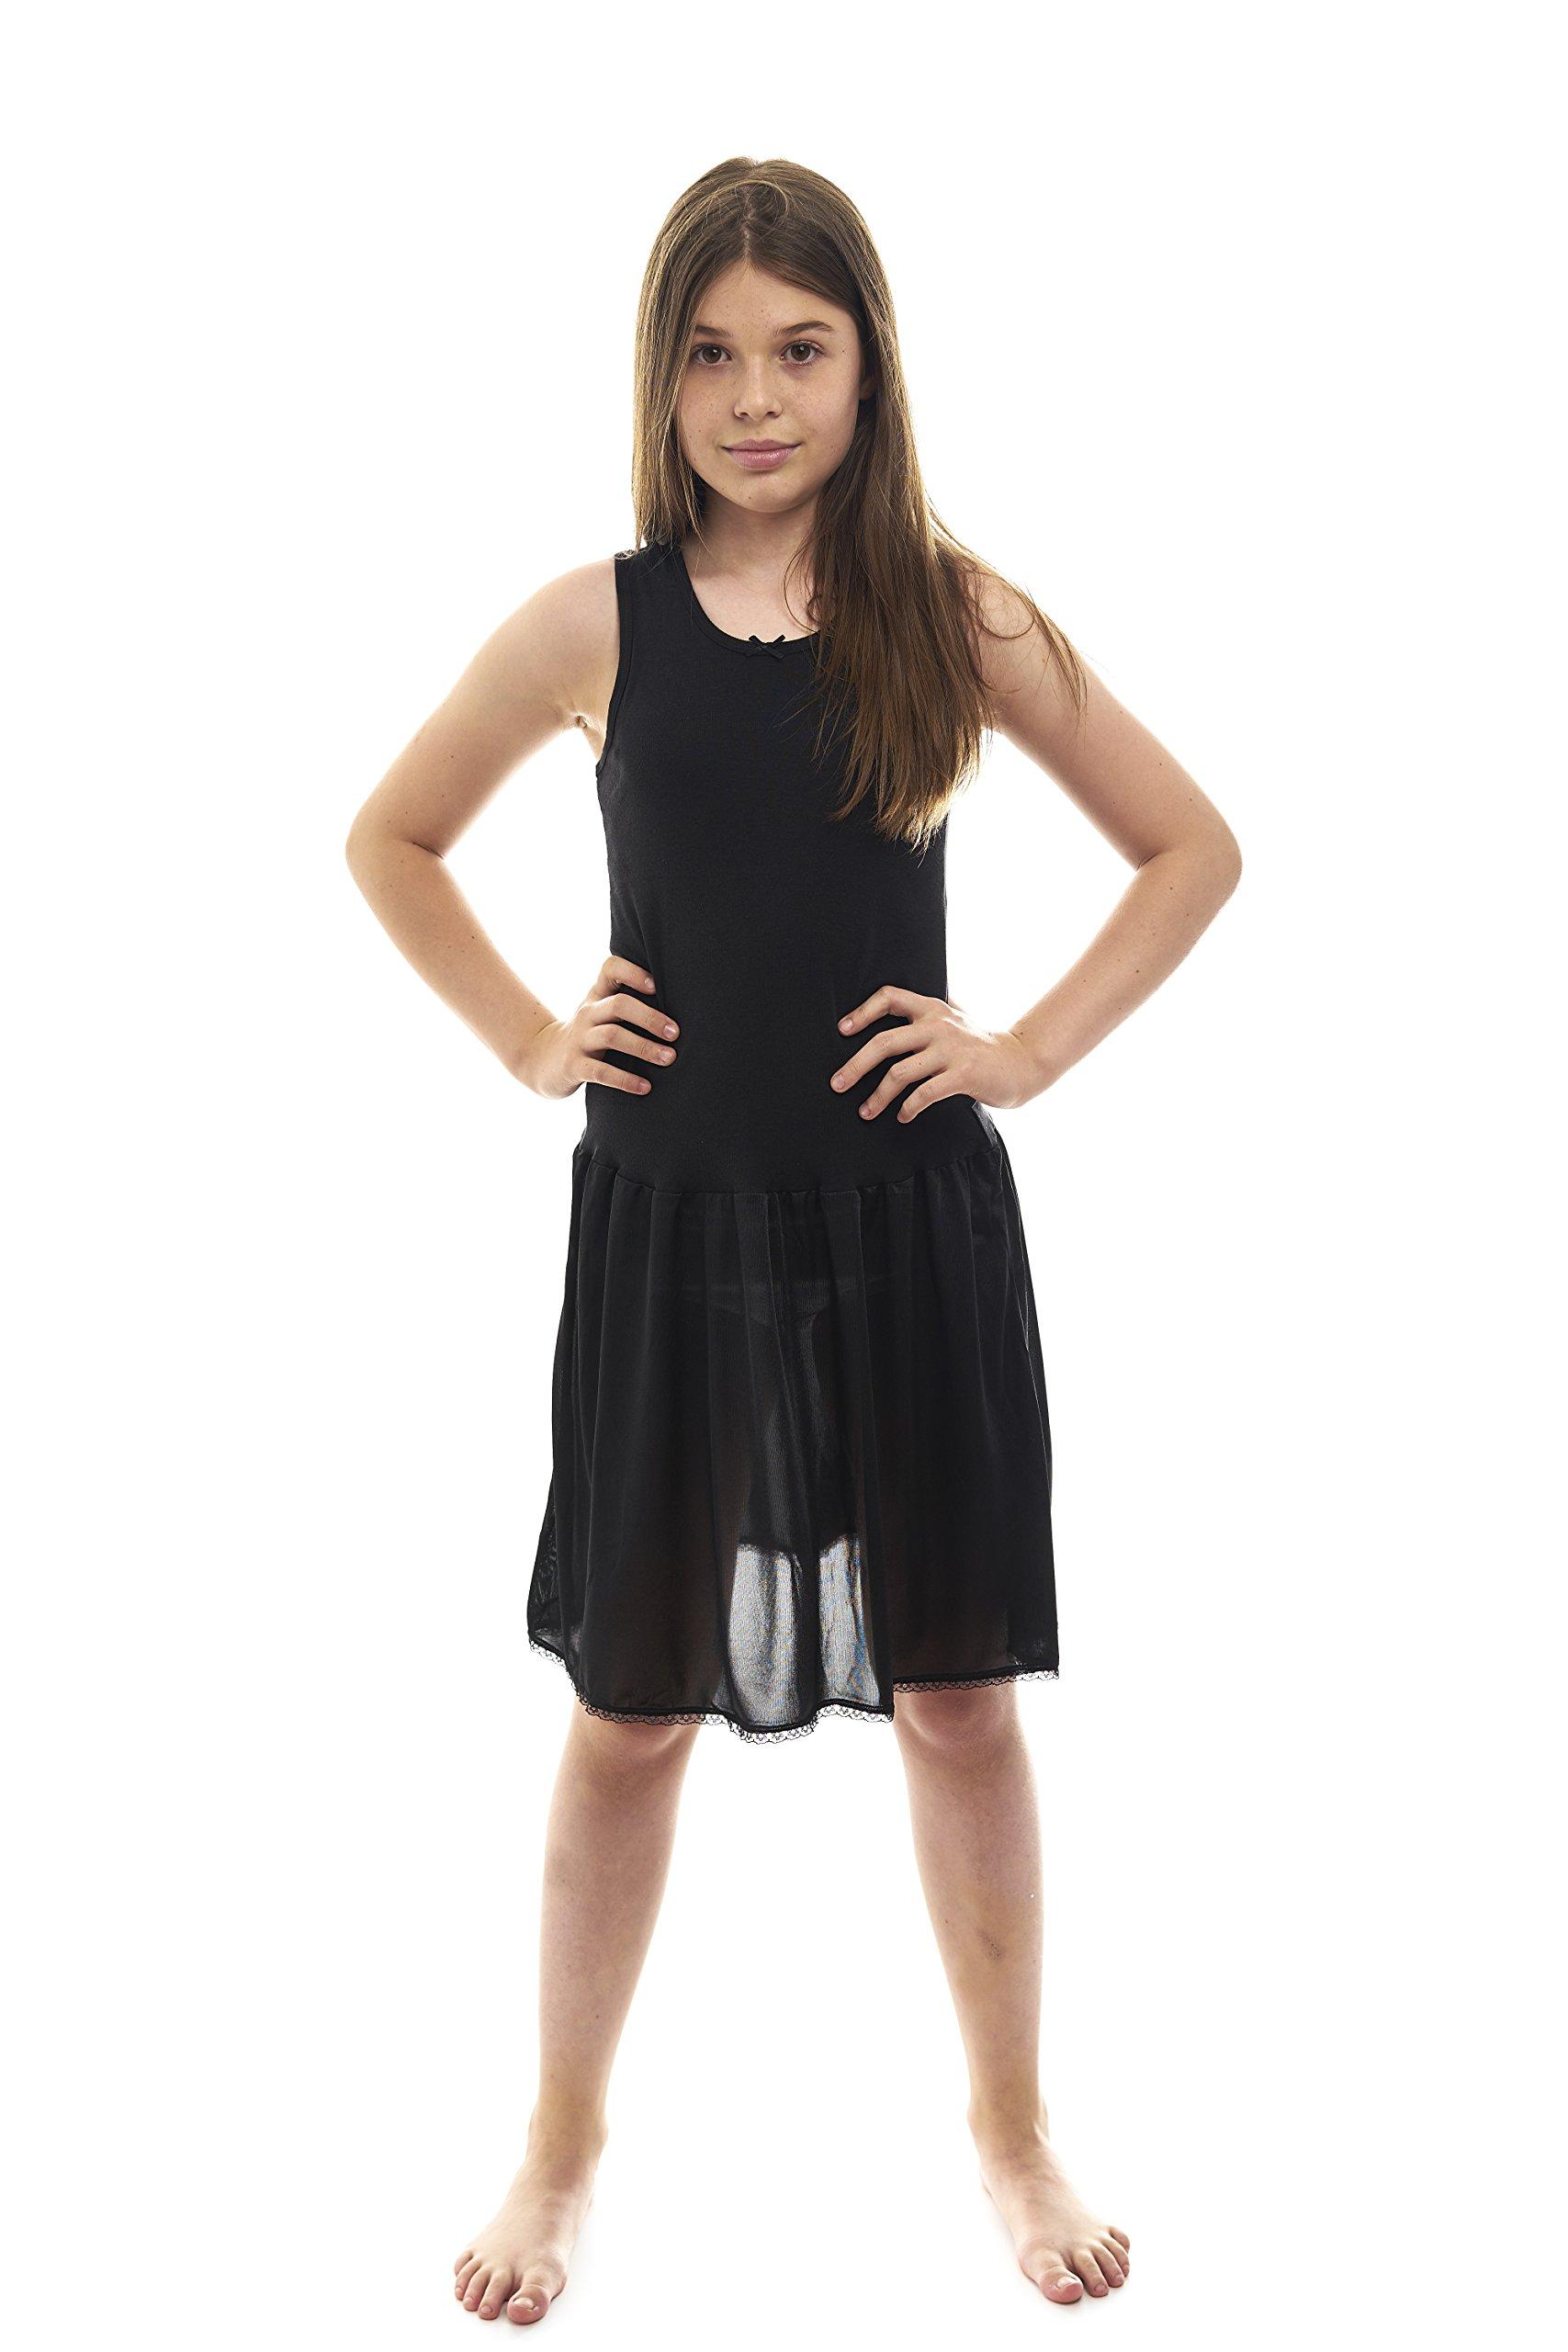 Rossette Sleeveless Full Slip for Girls - Cling Free - Cotton / Nylon Material Black 14